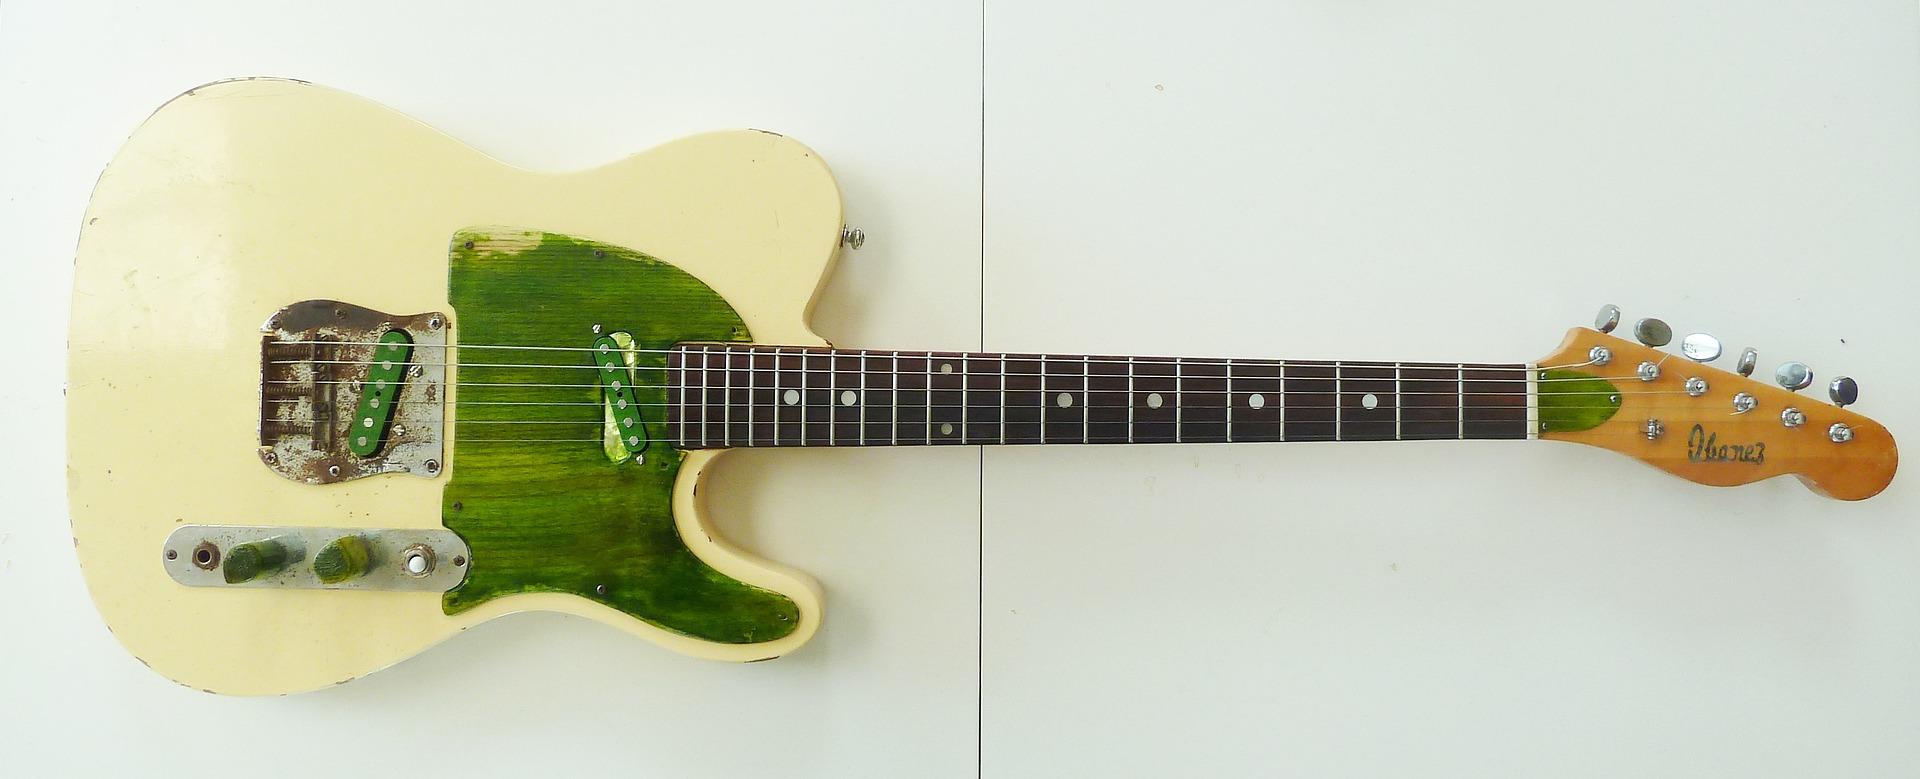 guitar-1378106_1920